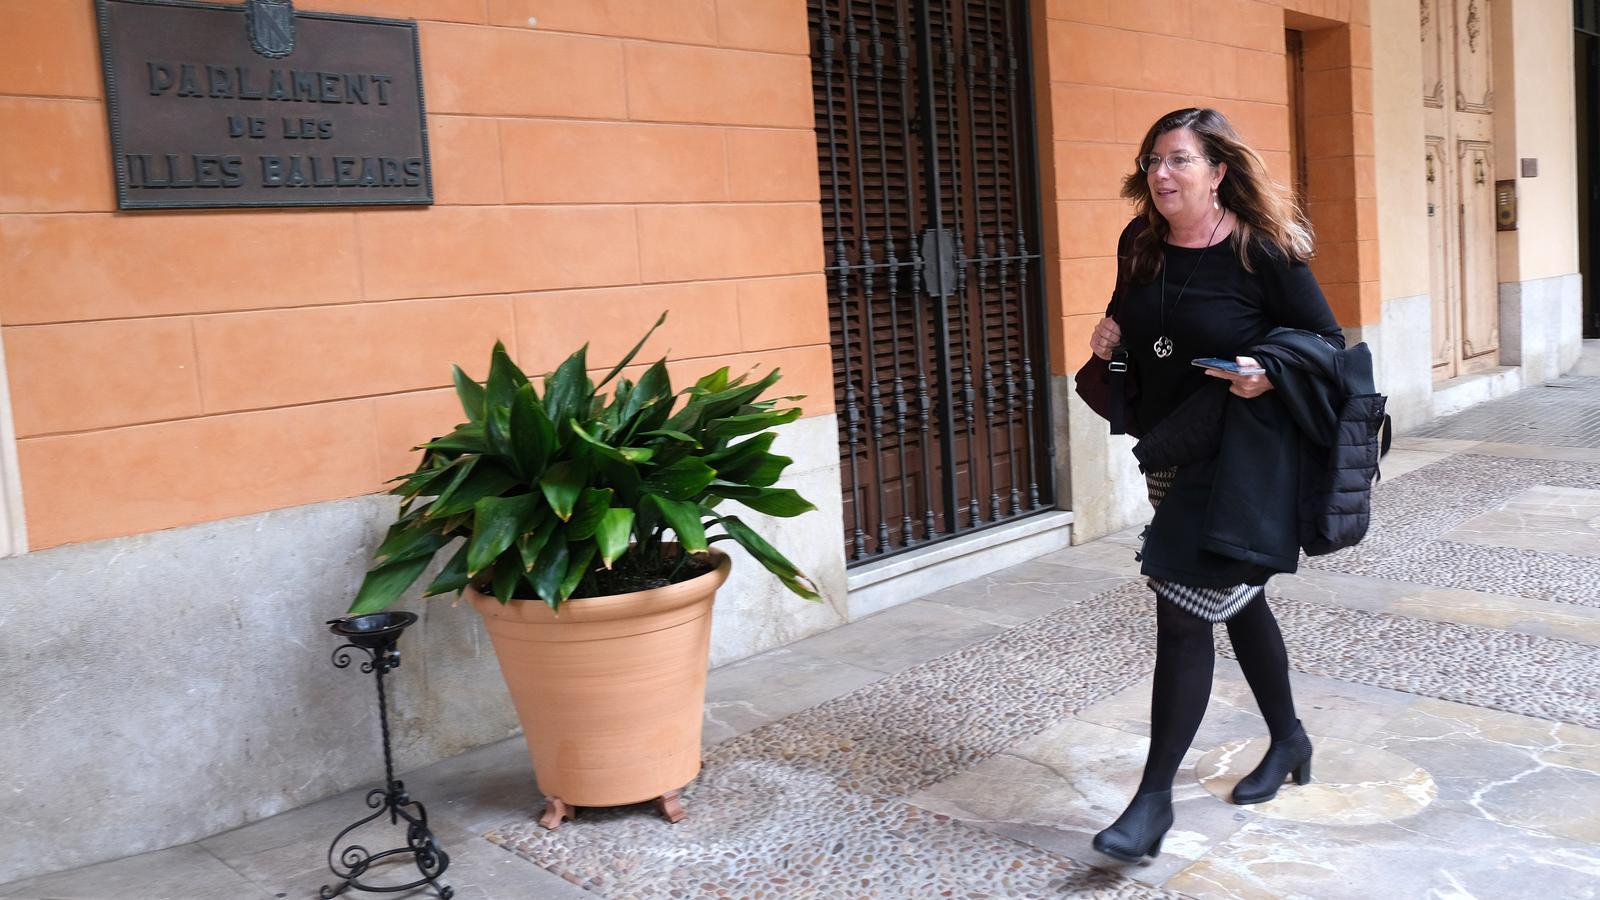 La consellera de Salut, Patrícia Gómez, arriba aquest dimarts al Parlament